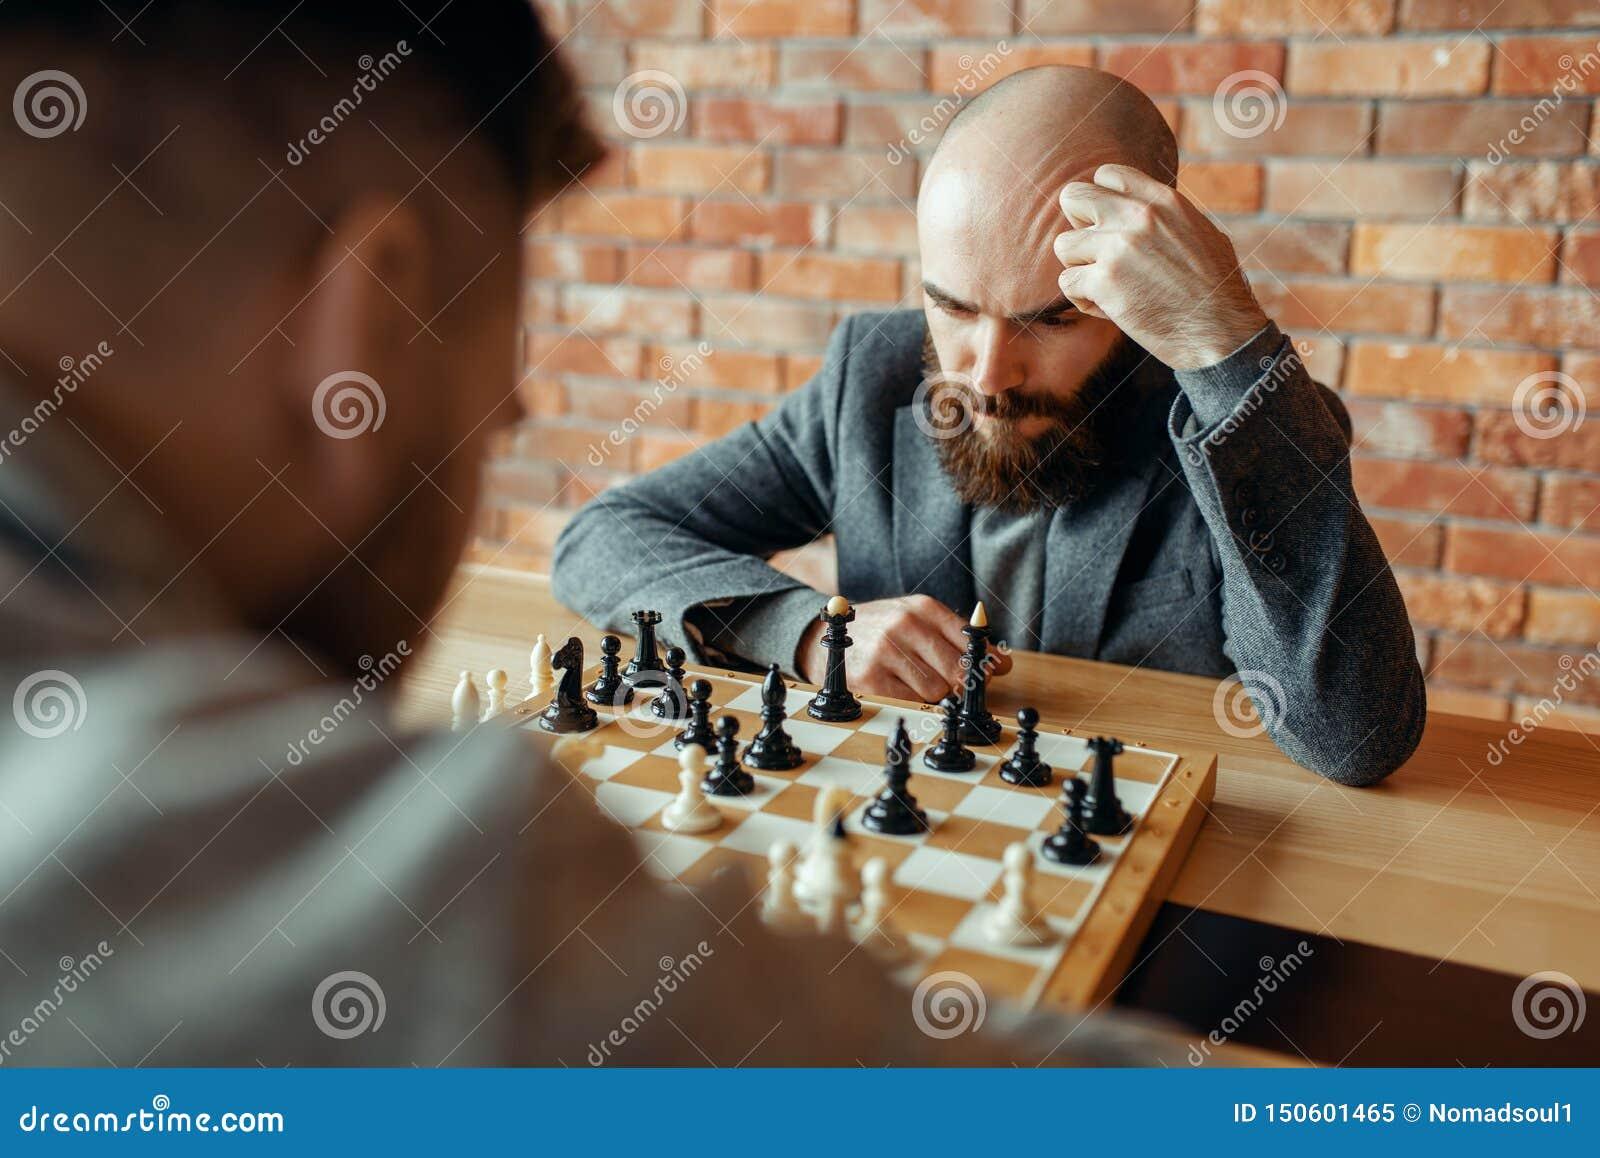 Joueurs d échecs masculins jouant, processus de pensée